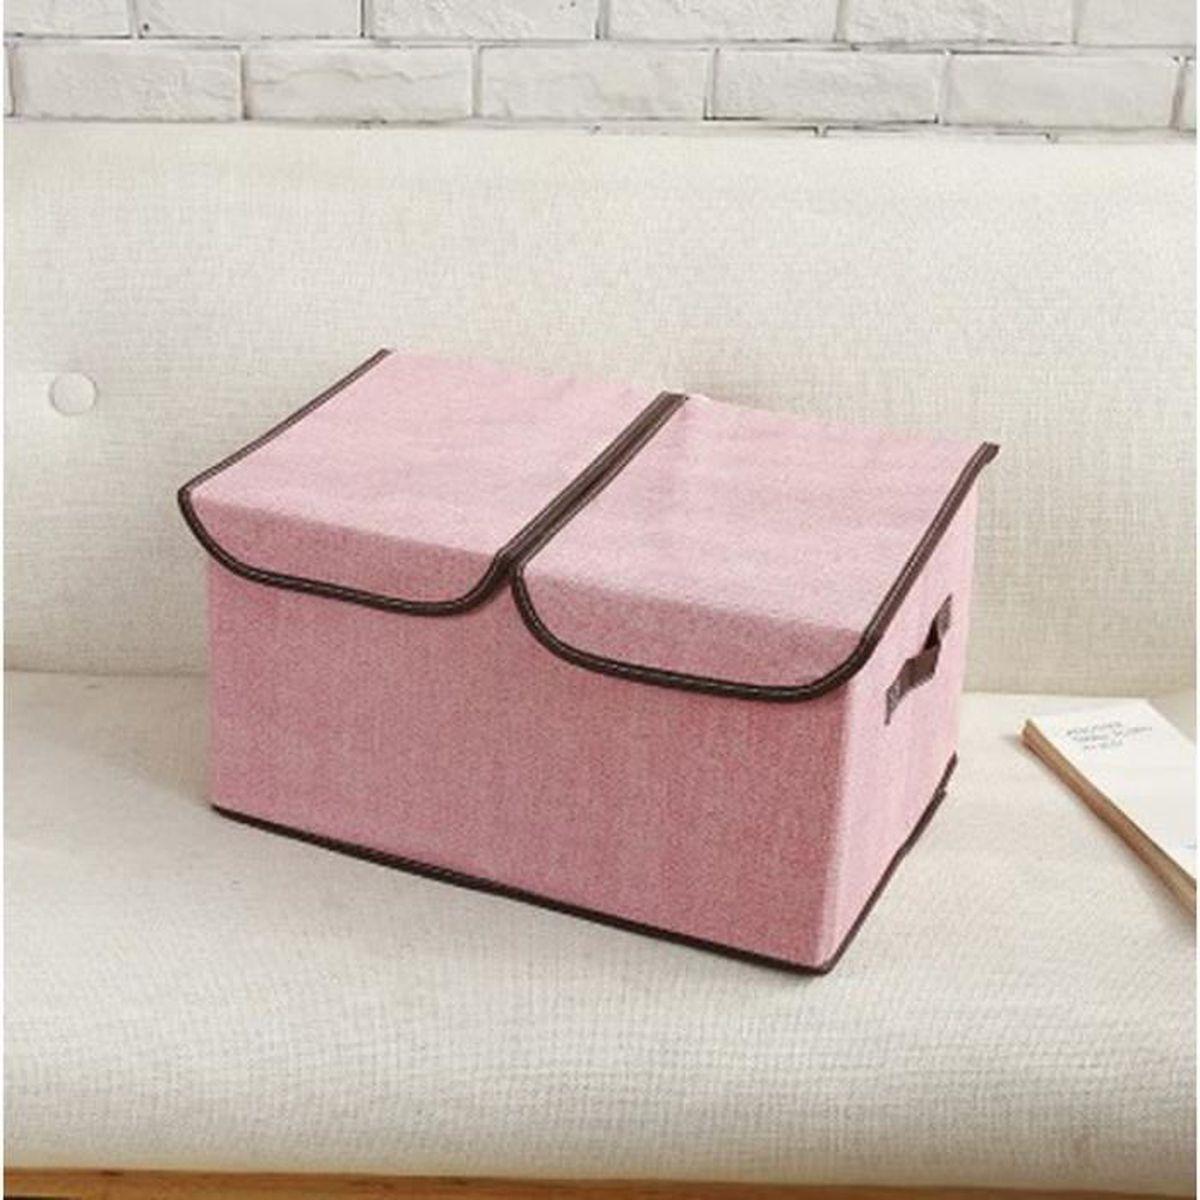 boite panier rangement pliable achat vente pas cher. Black Bedroom Furniture Sets. Home Design Ideas